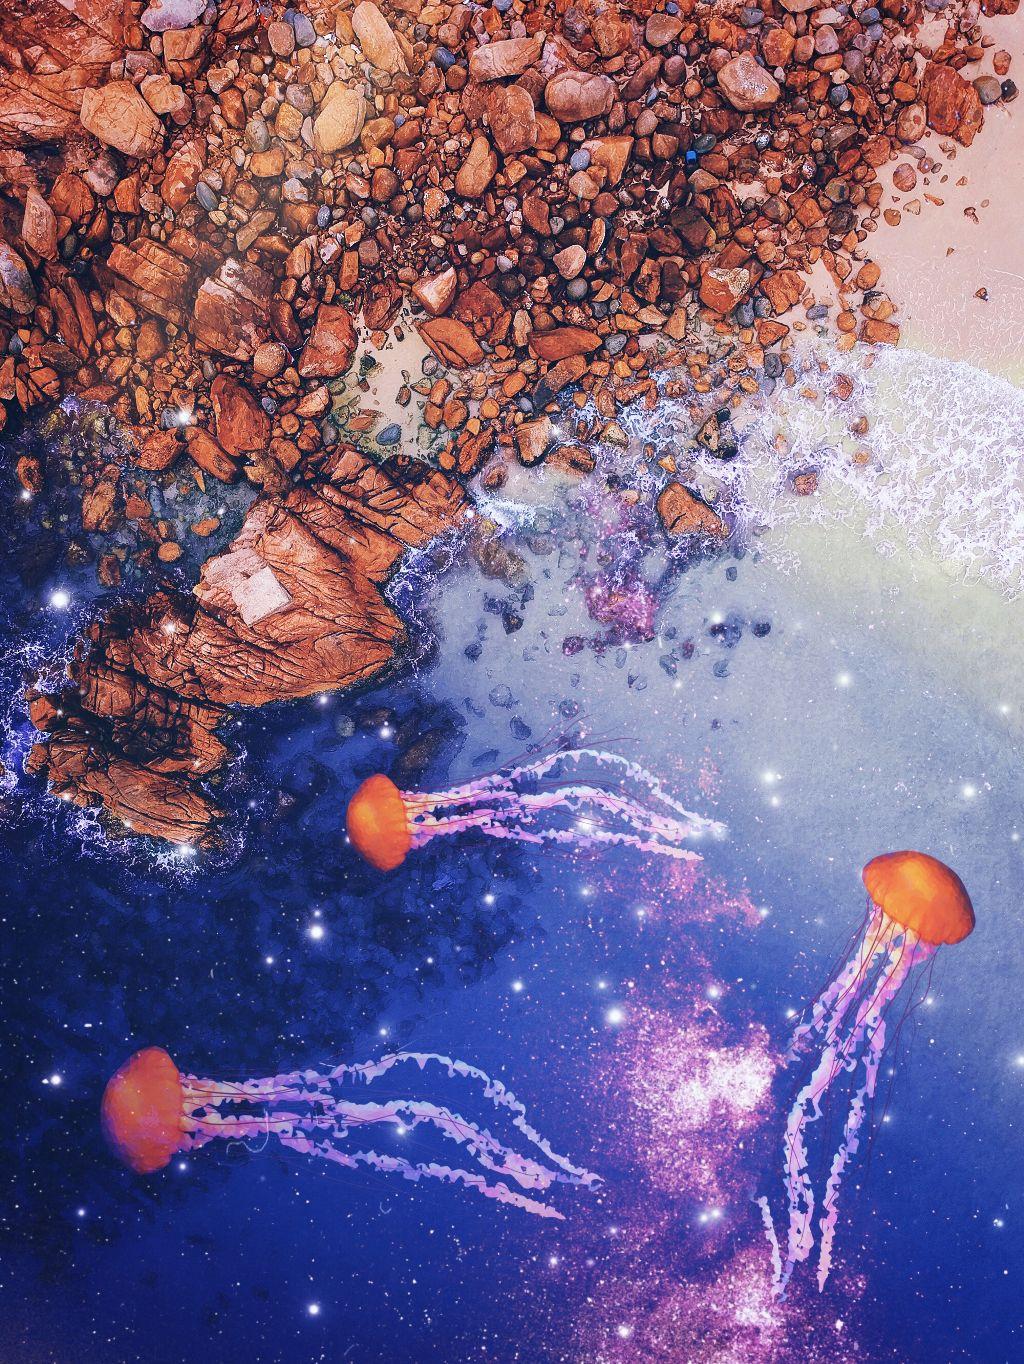 #freetoedit #jellyfish #stars #sparkles #galaxy #water #ocean #blue #rocks #art #stickers #madewithpicsart #picsart